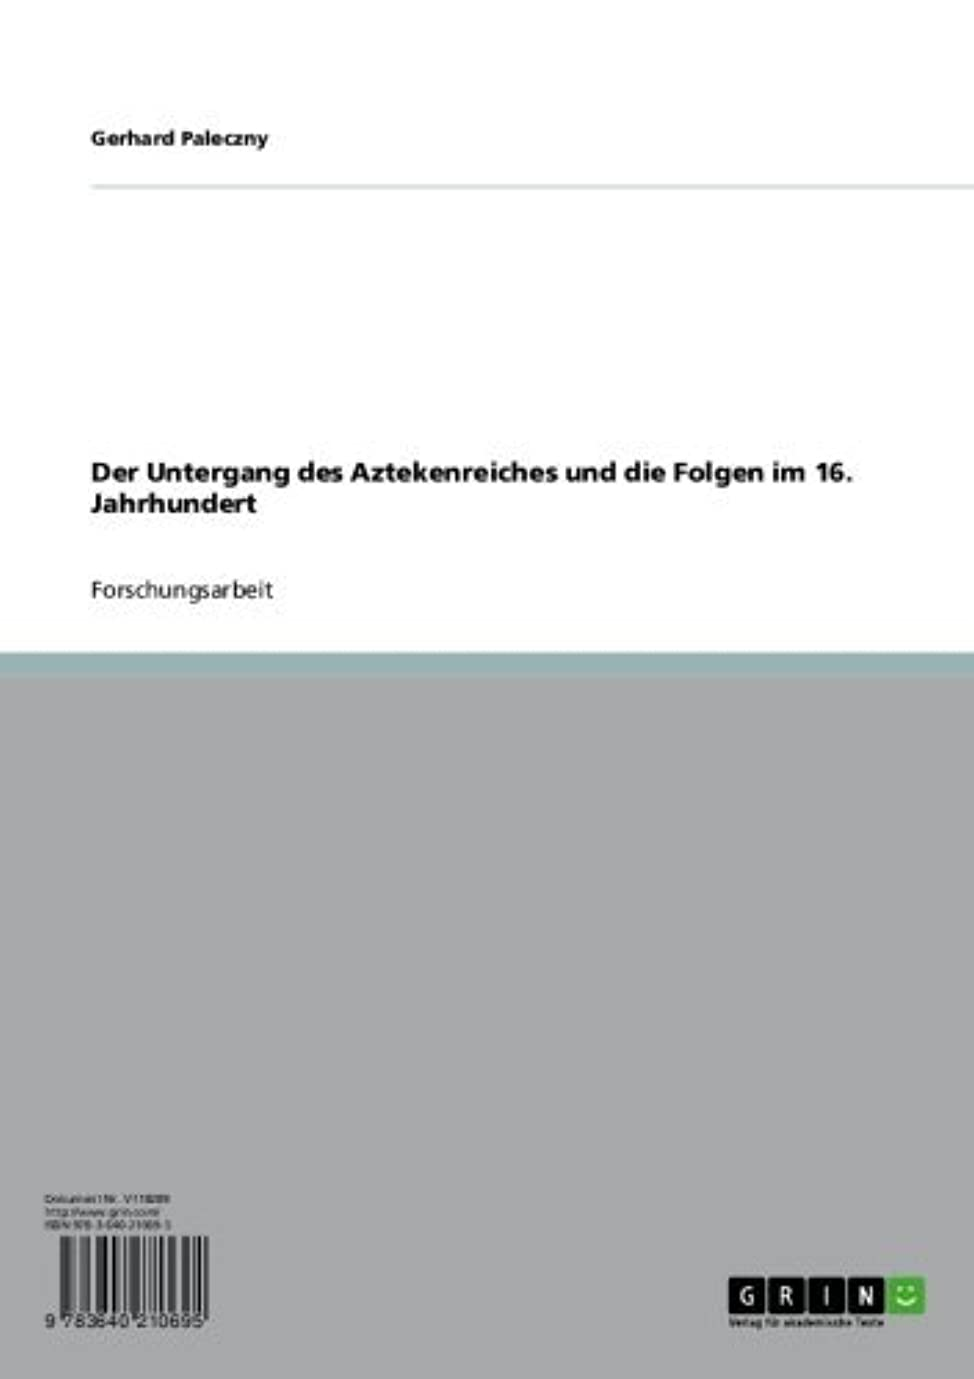 高める調和のとれた宣伝Der Untergang des Aztekenreiches und die Folgen im 16. Jahrhundert (German Edition)